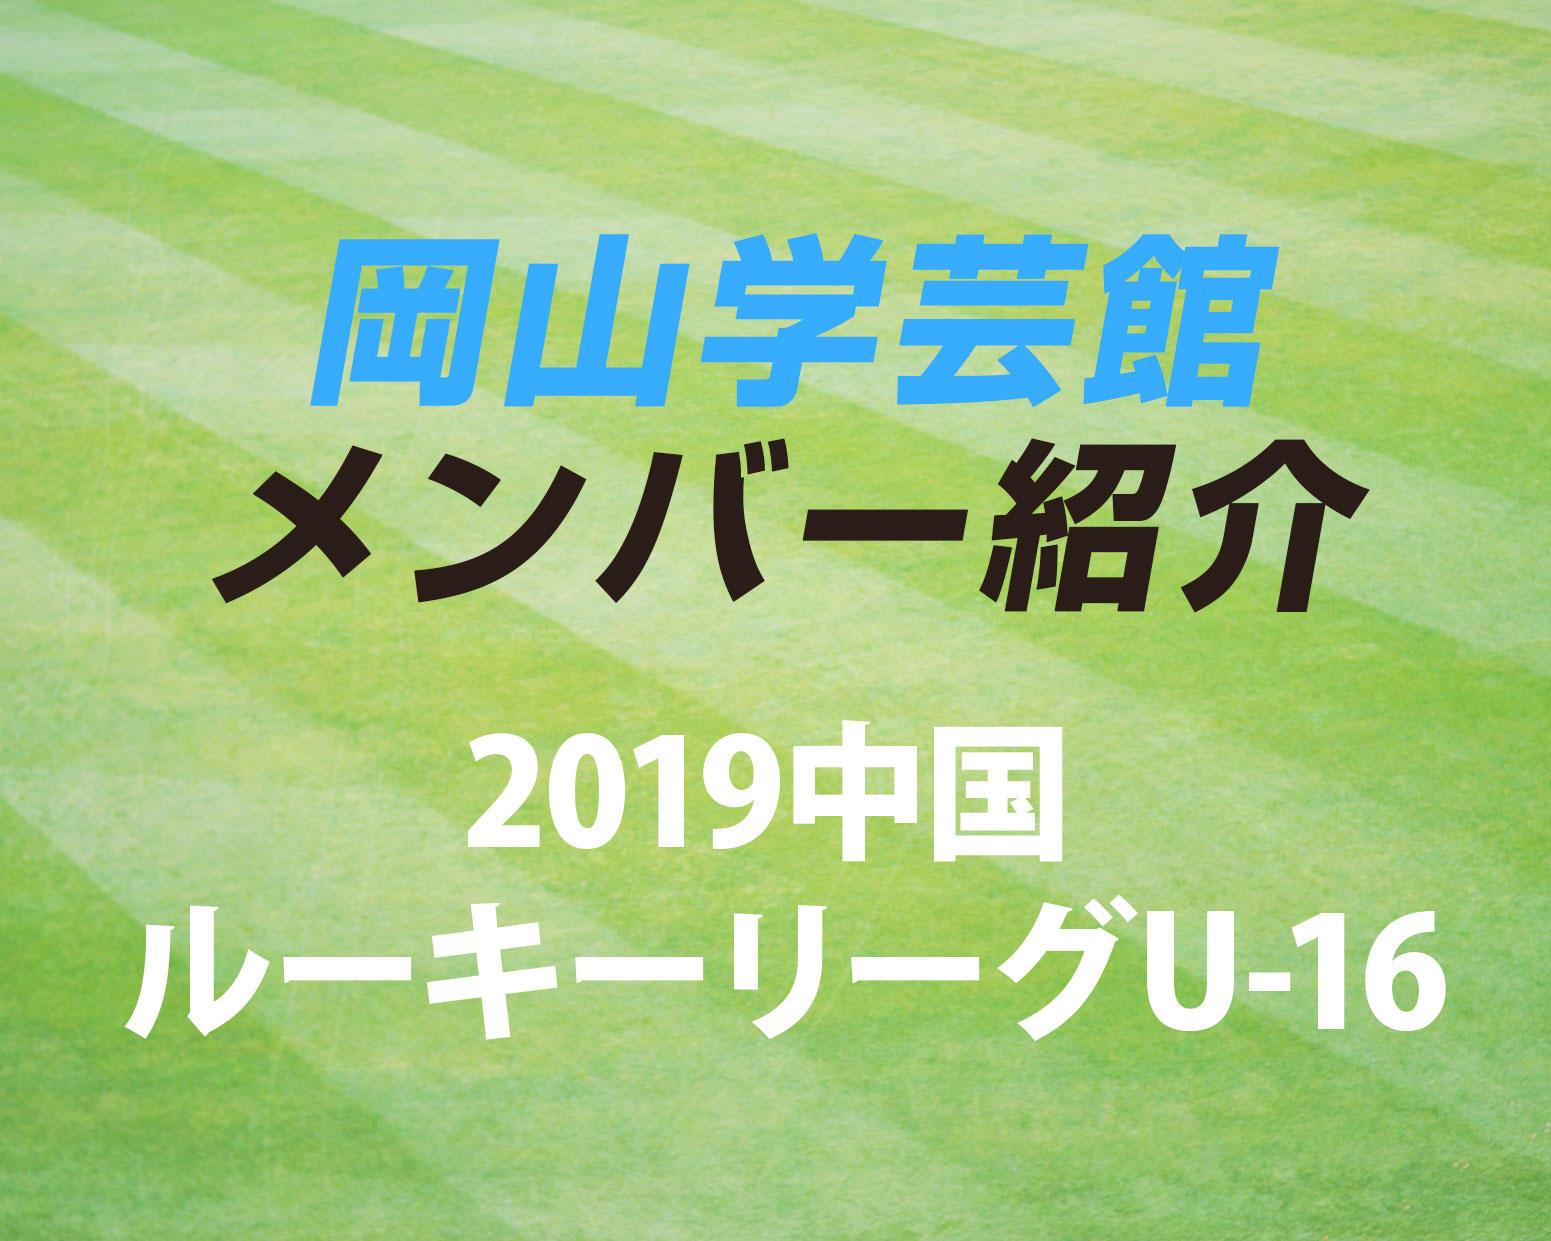 岡山の強豪・ 岡山学芸館高校サッカー部のメンバー紹介!(中国ルーキーリーグ2019 U-16)